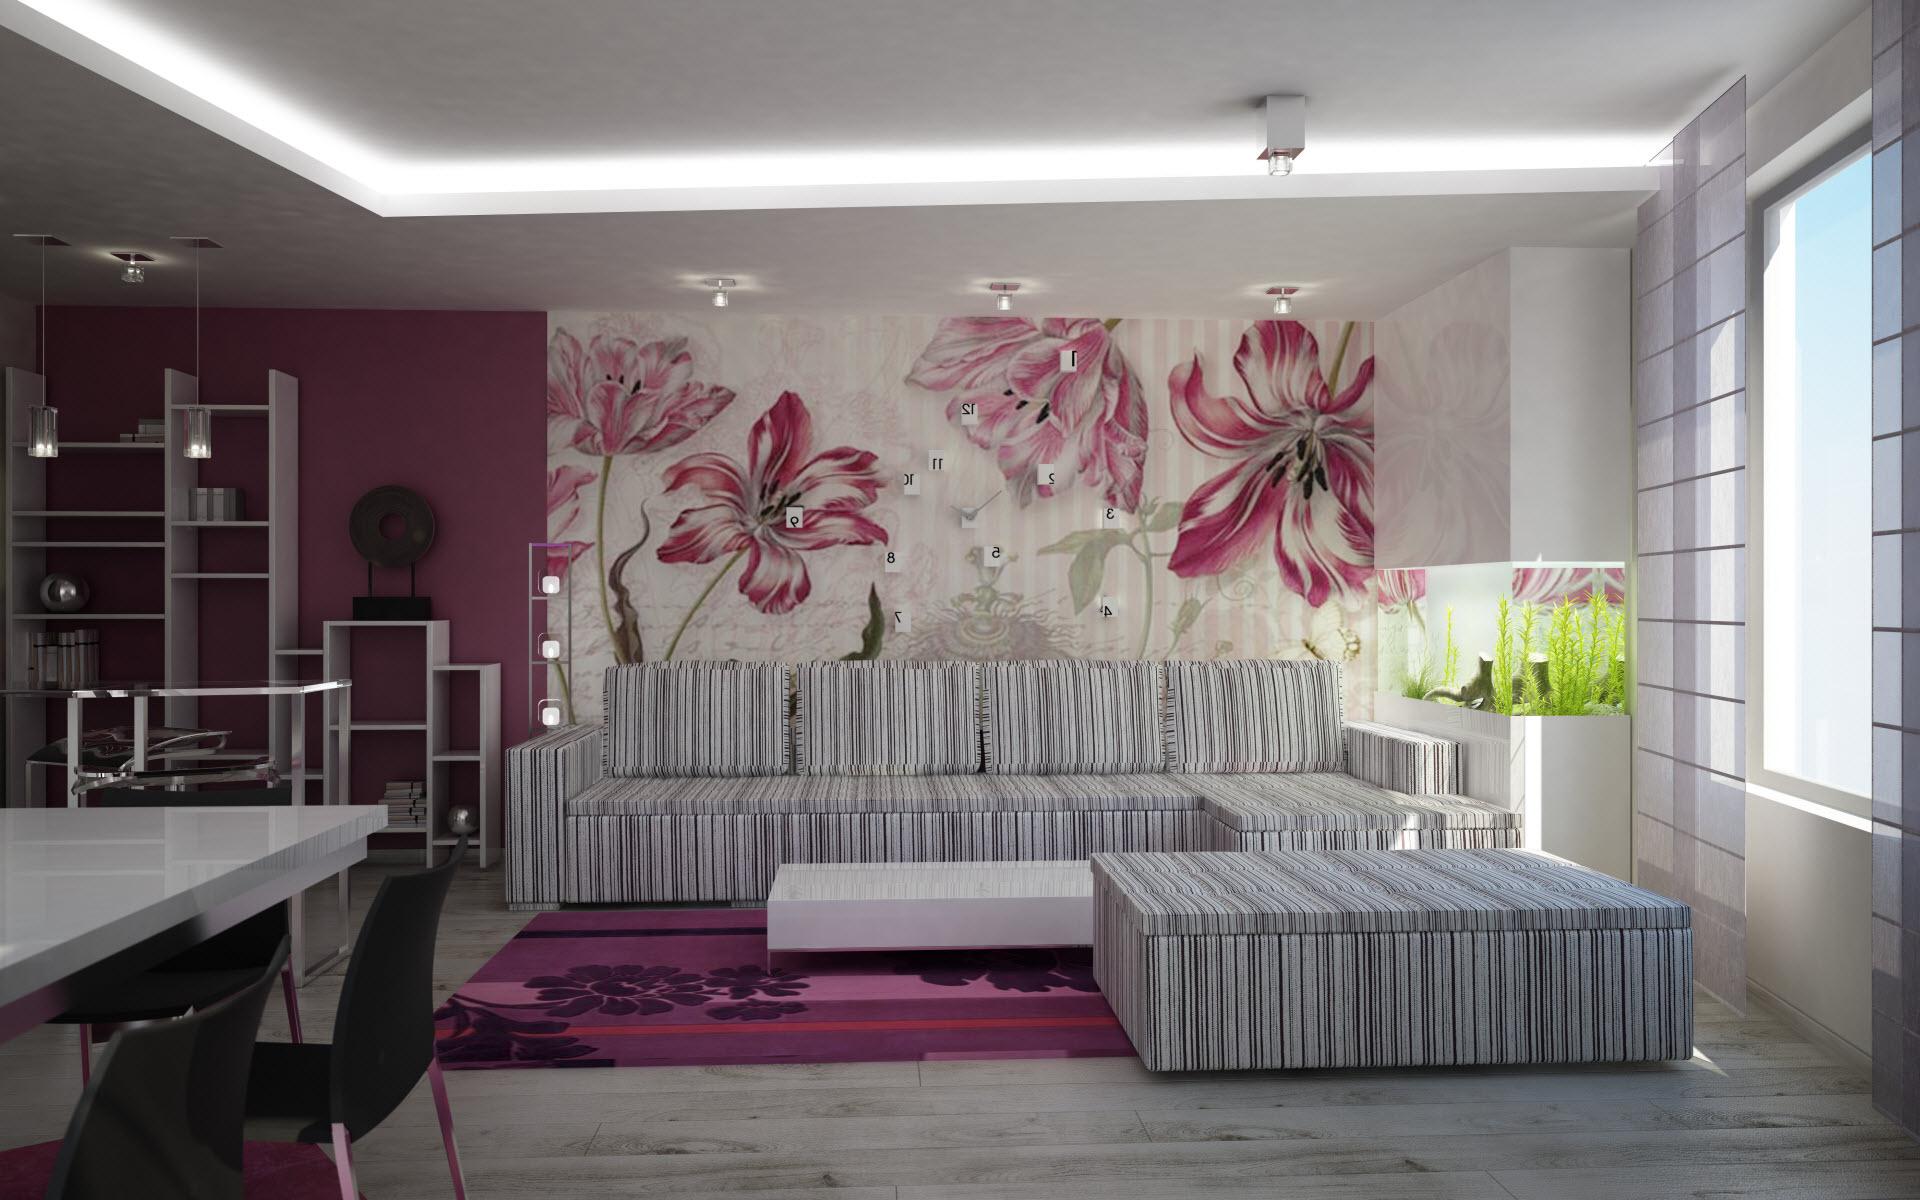 Einfach Wohnzimmergestaltung In Beige Braun Und Full Size